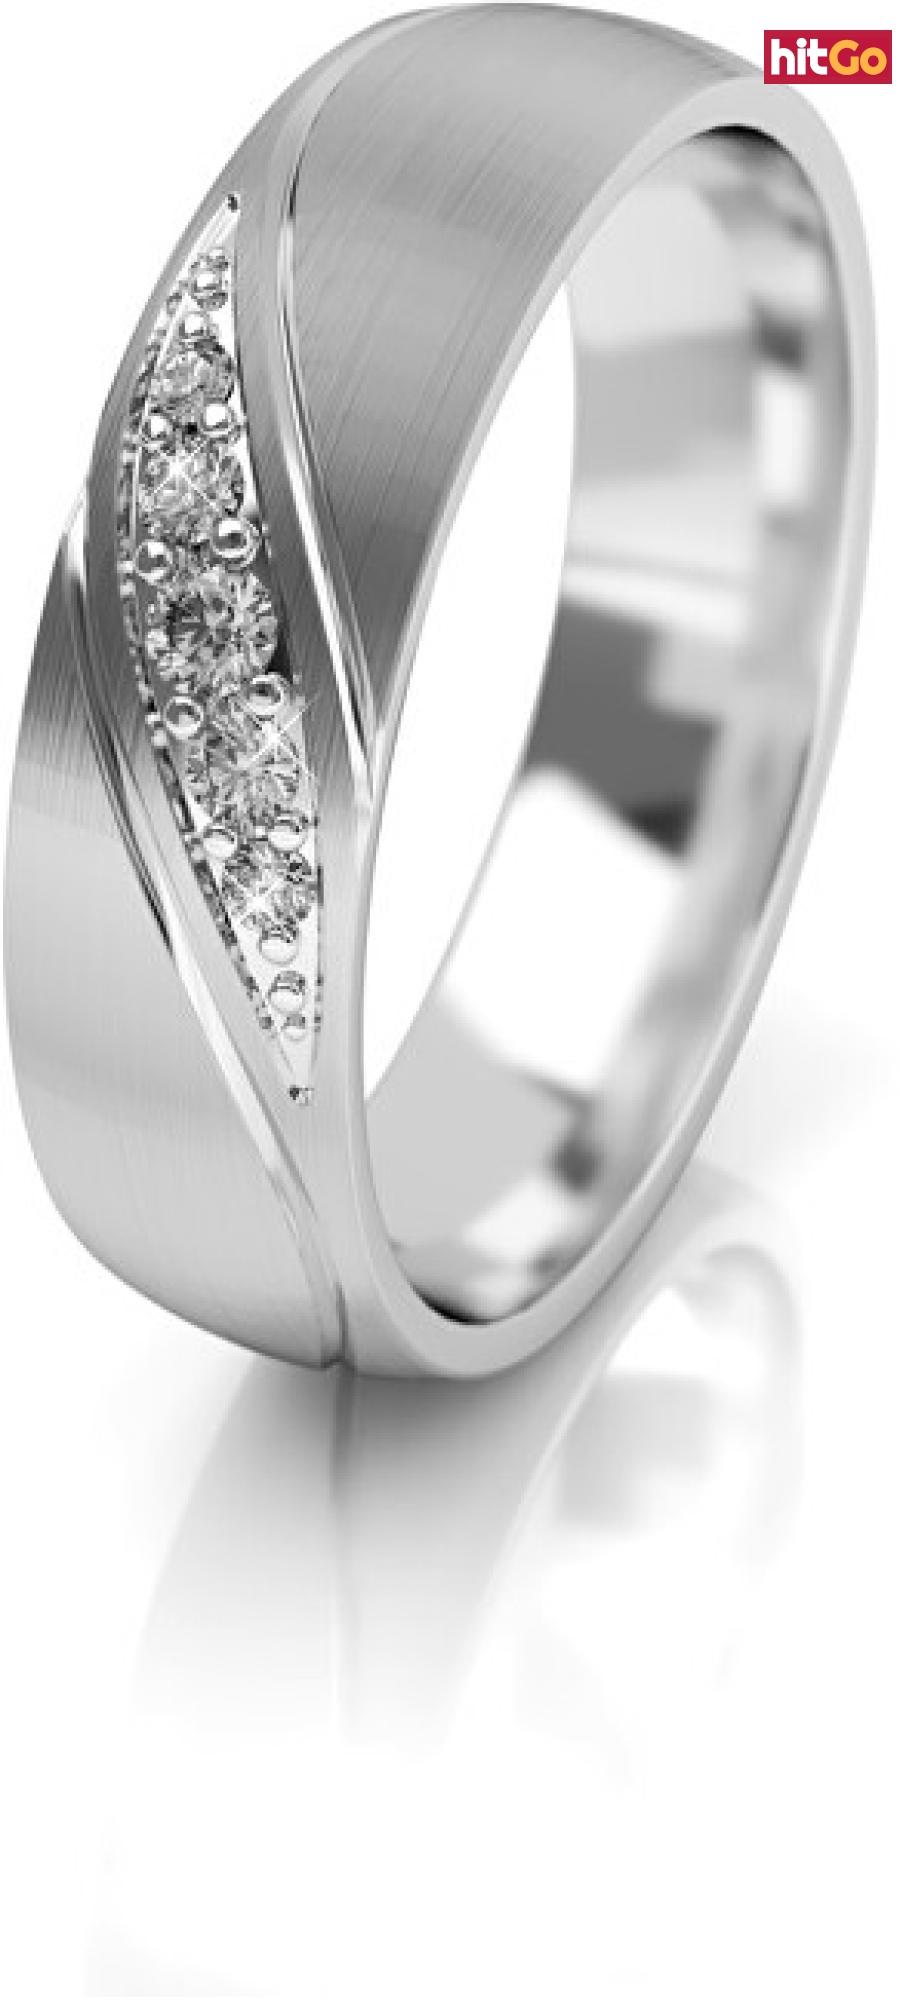 Art Diamond Dámský snubní prsten z bílého zlata se zirkony AUG284 52 mm dámské